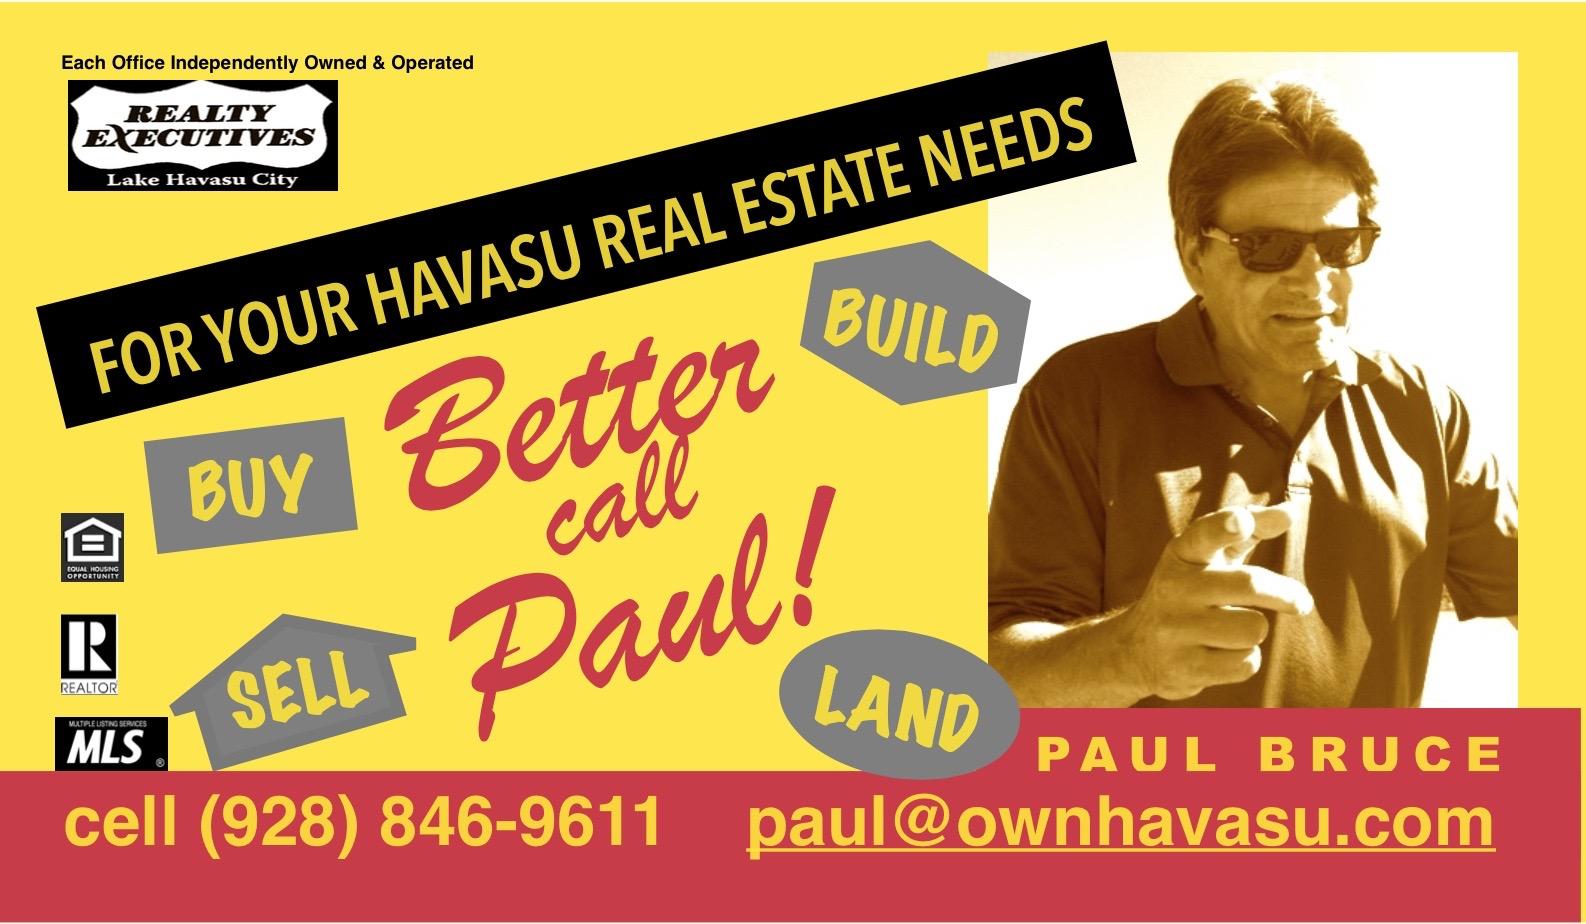 Better Call Paul Business Card